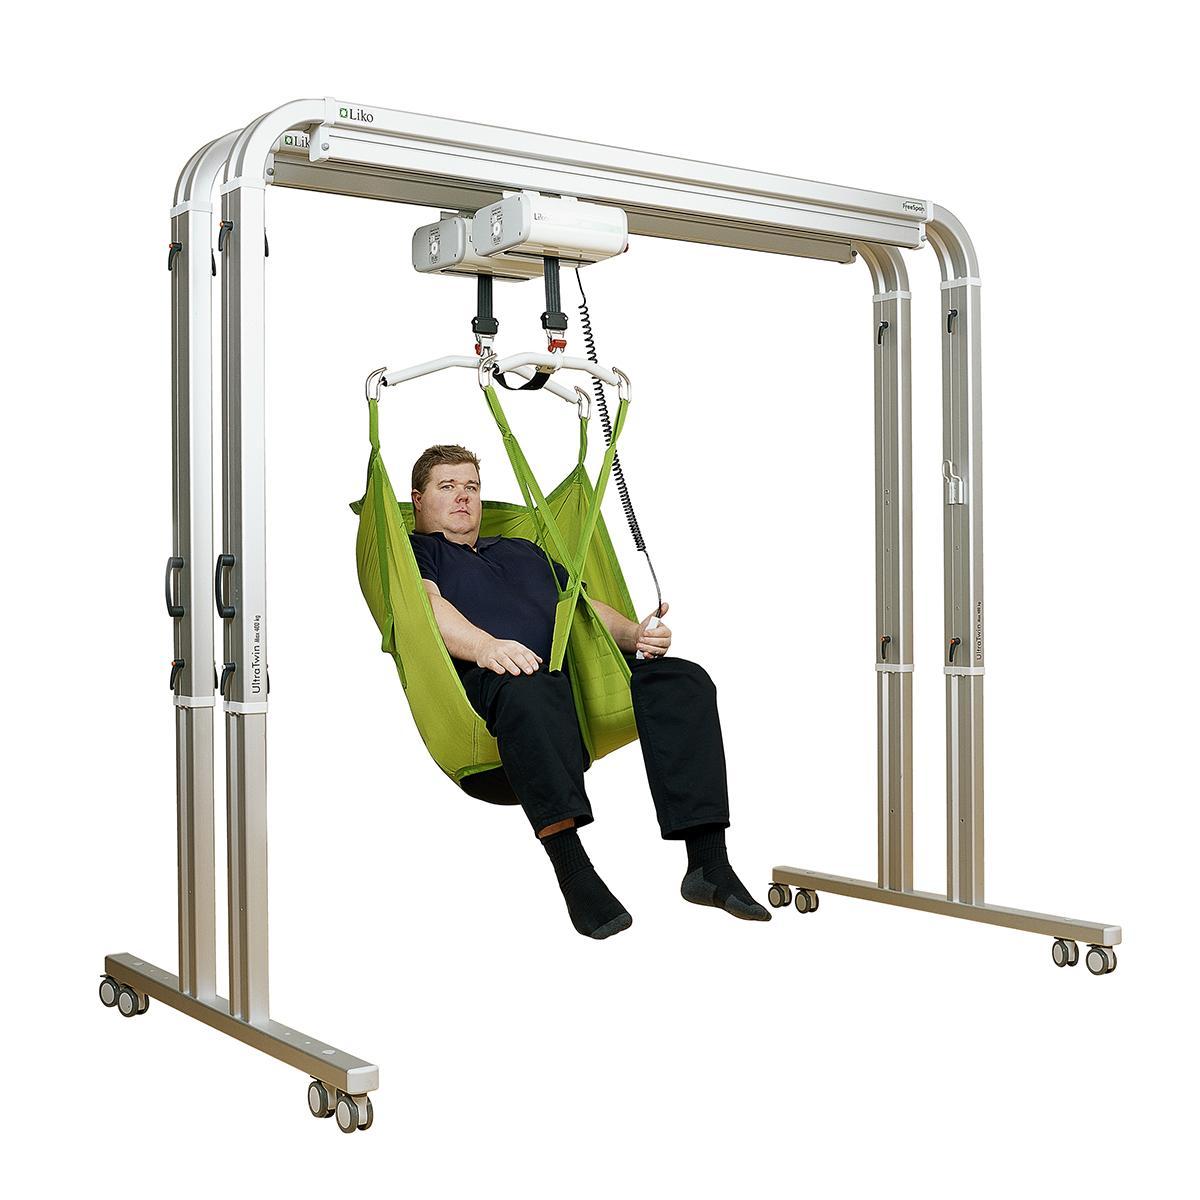 Un homme s'assoit dans un harnais vert dans un système de levage UltraTwin FreeSpan de Hillrom.